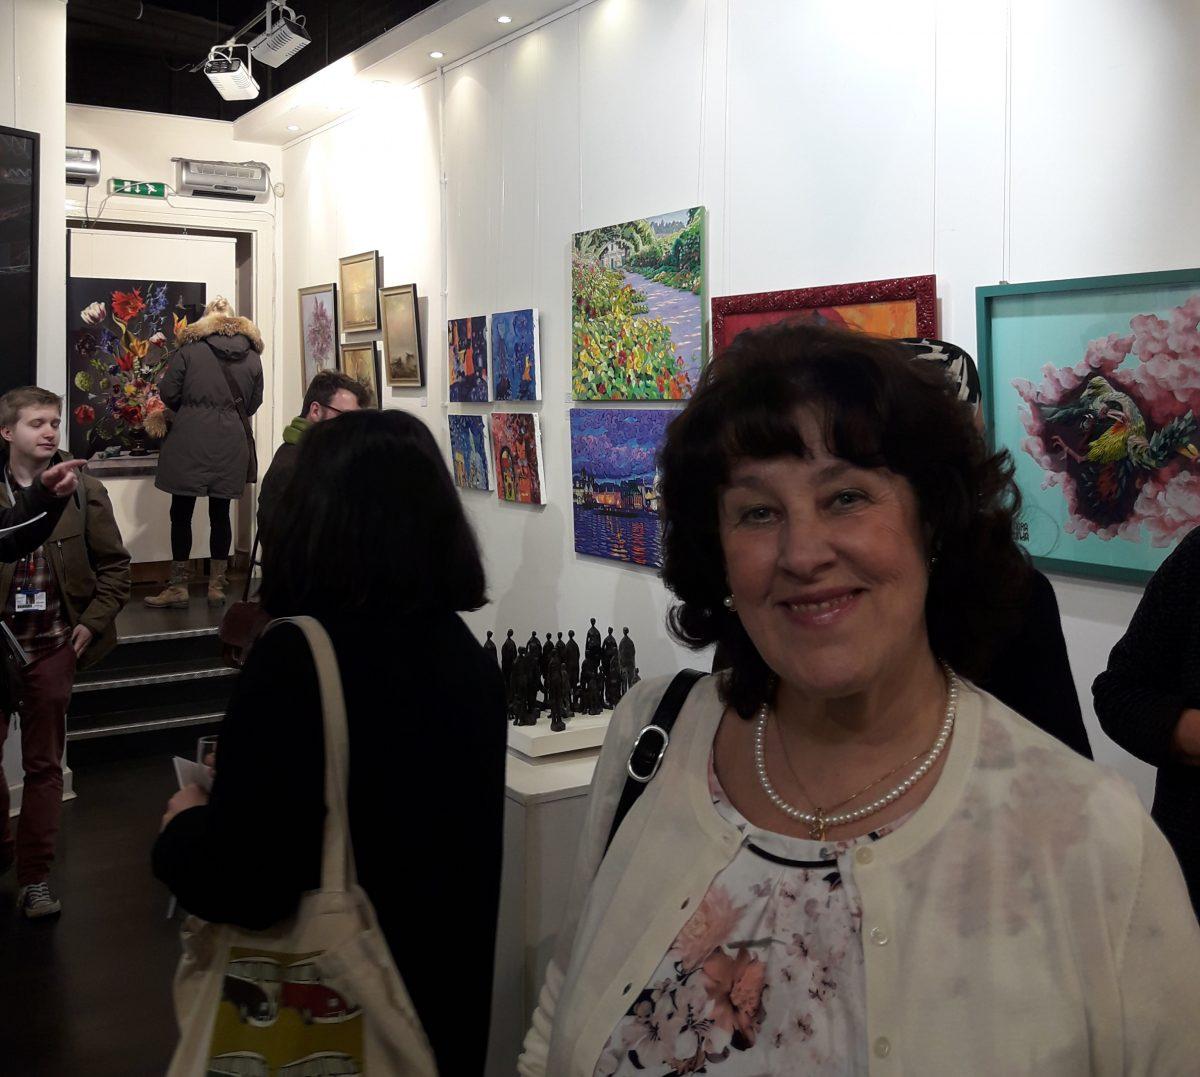 Выставка Royal Arts Prize 2018 в галерее La Pall Mall с участием художницы Натальи Элердашвили  открылась в Лондоне